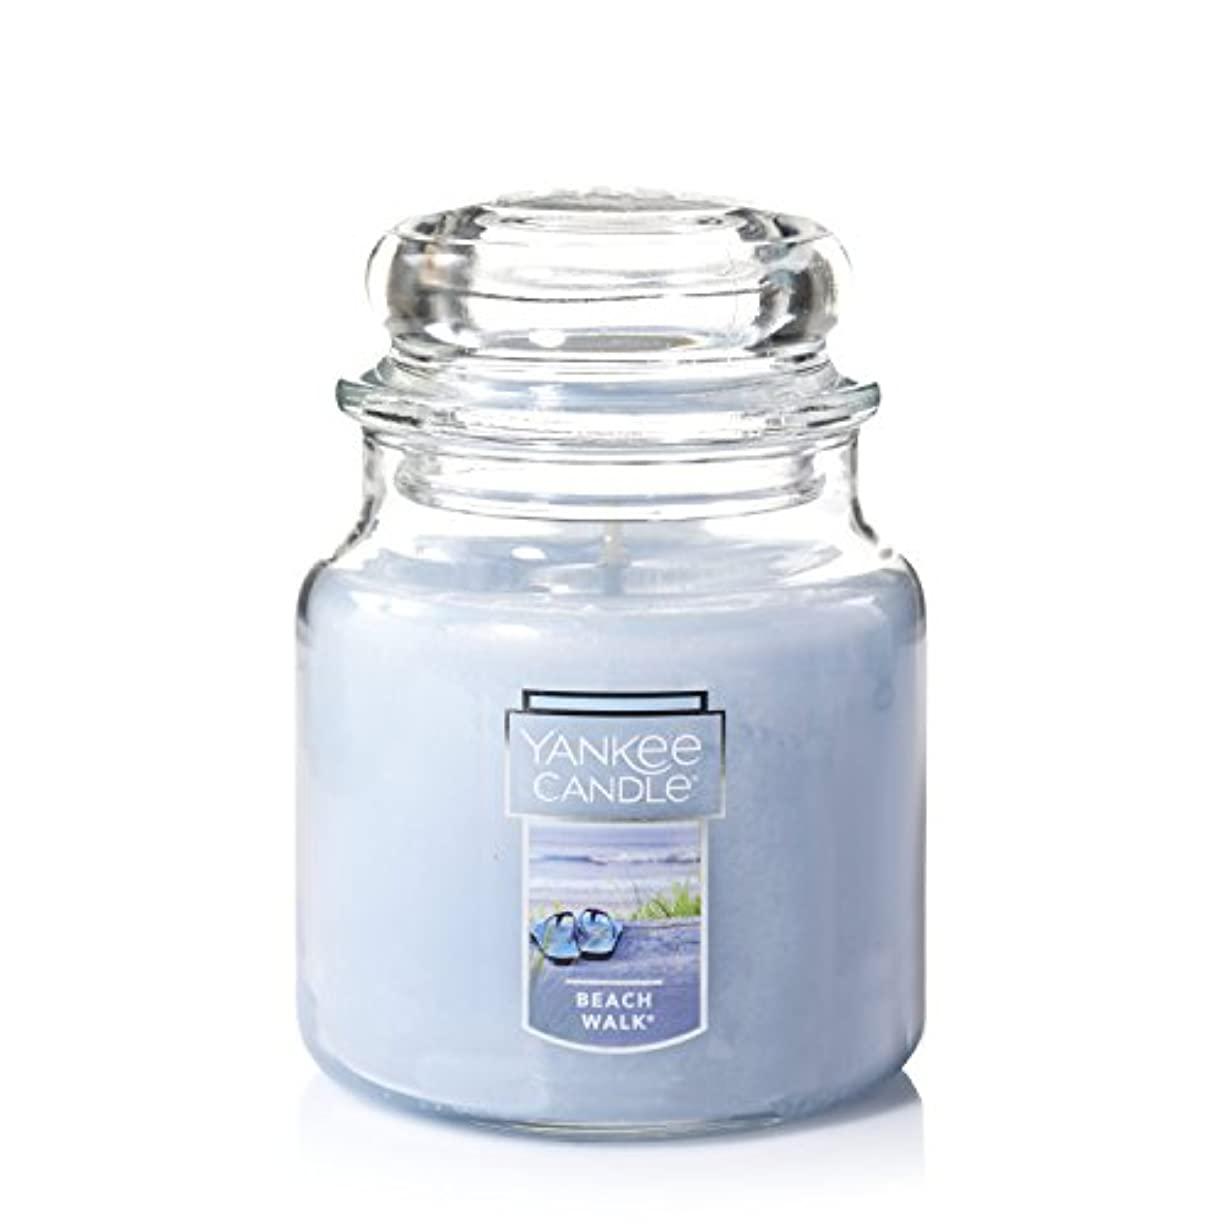 (ヤンキーキャンドル) Yankee Candle Lサイズ ジャーキャンドル Medium Jar Candle 1129791Z